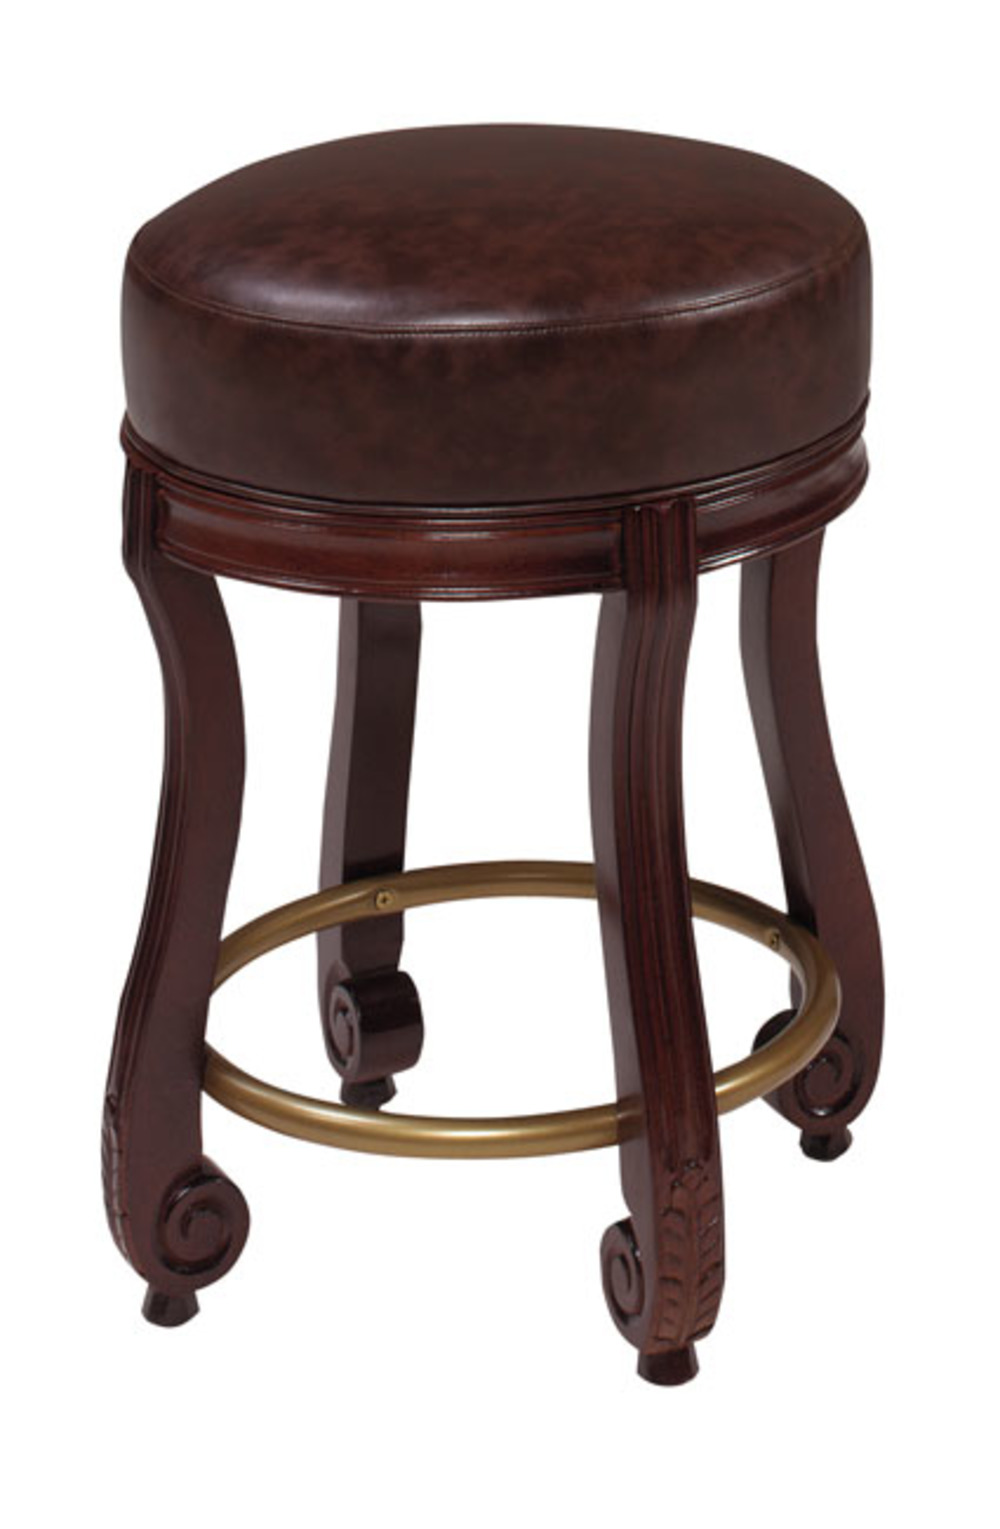 Designmaster Furniture - Strasbourg Counter Stool